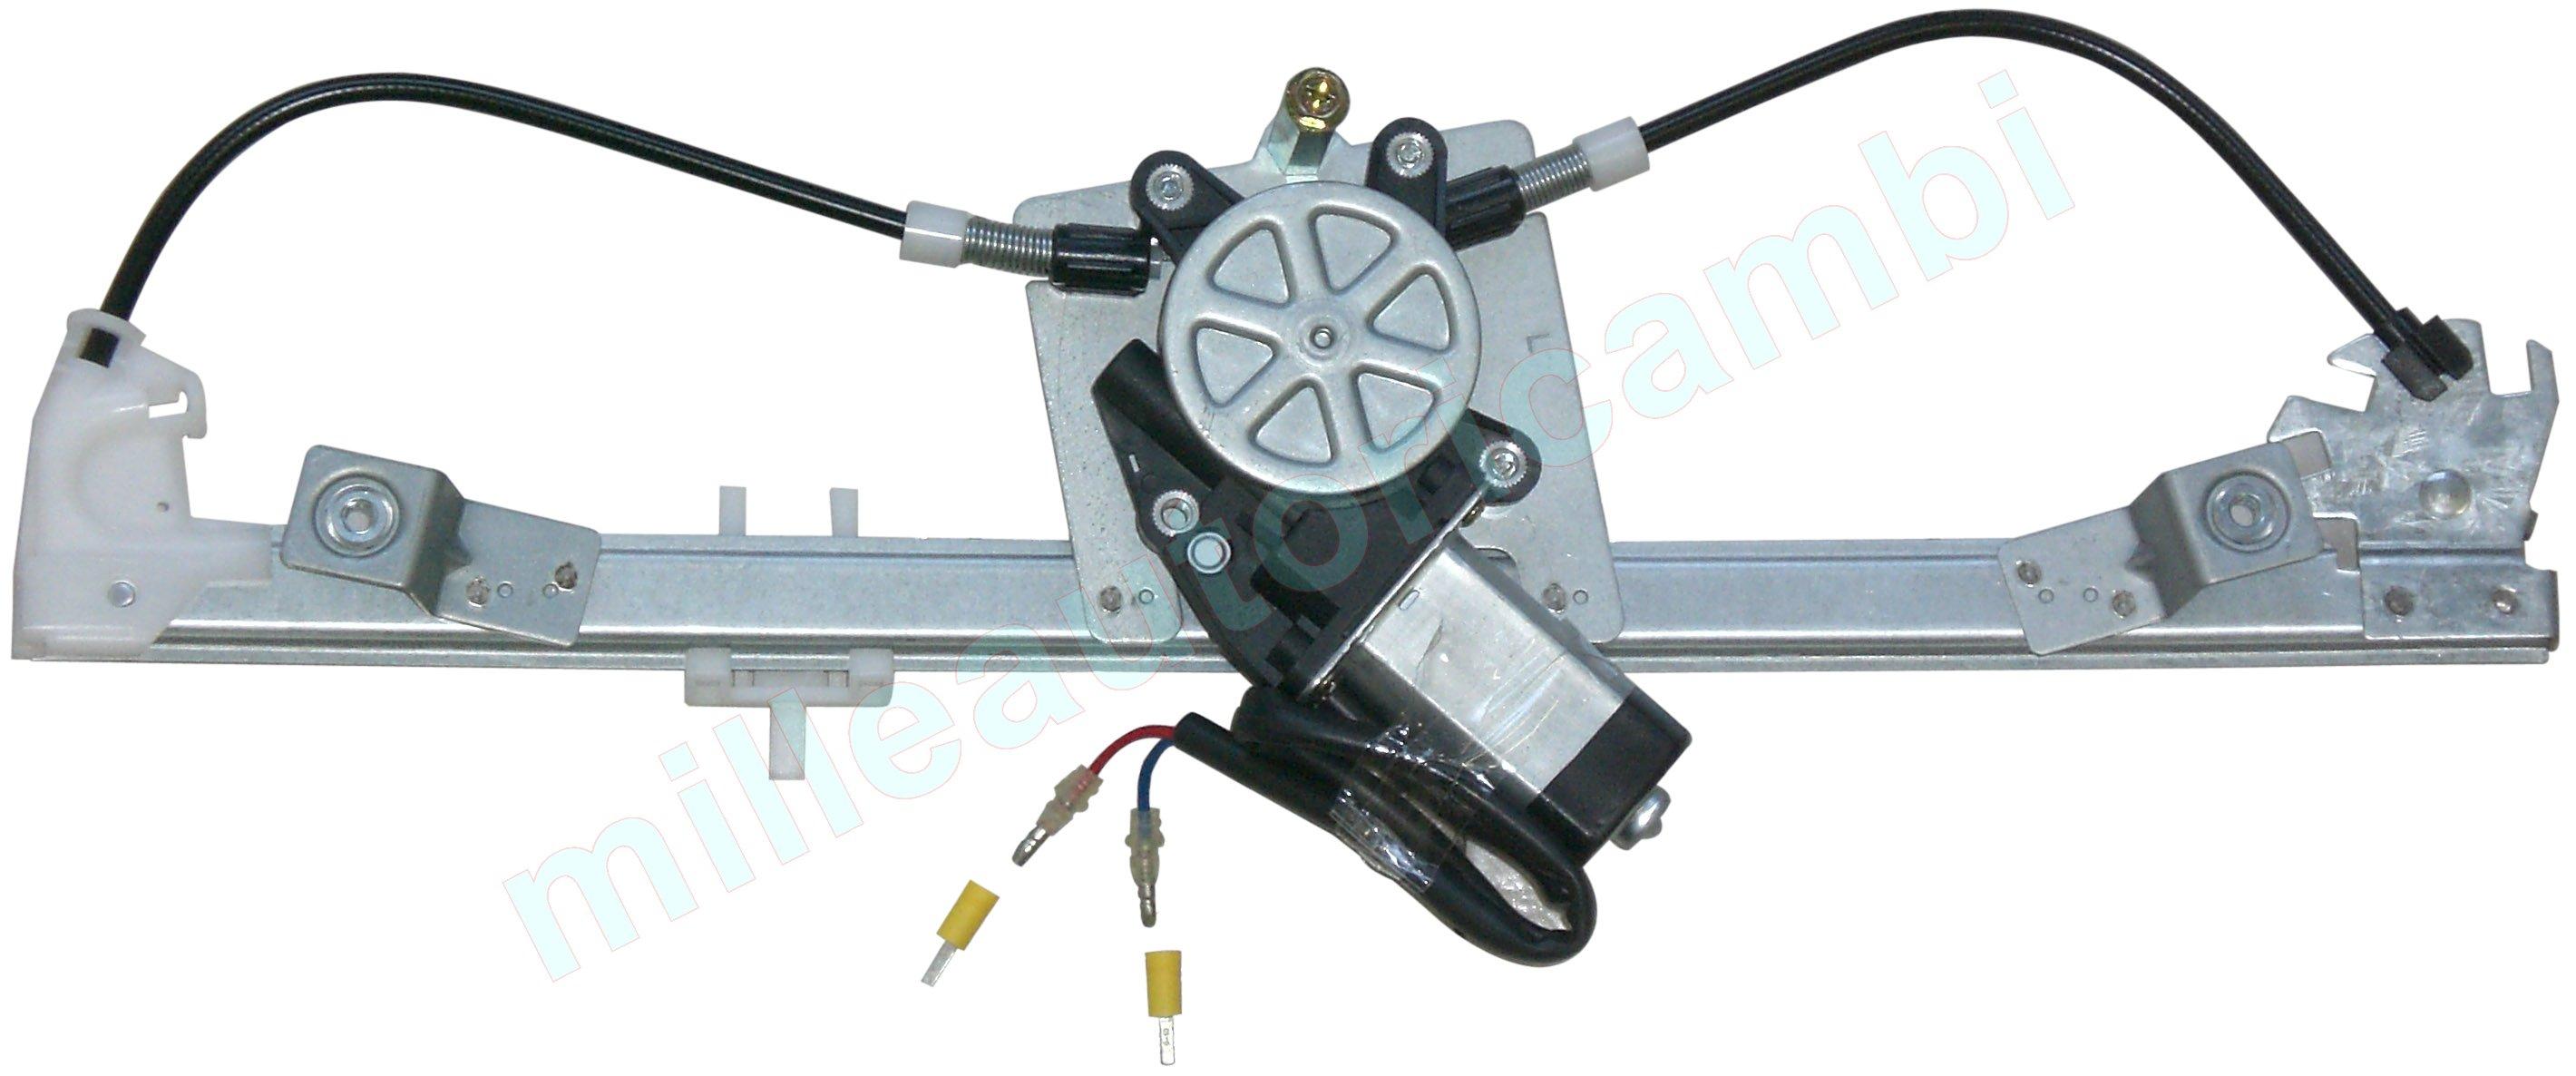 Schema Elettrico Alzacristalli Fiat Grande Punto : Alzavetro elettrico fiat grande punto ant sinistro